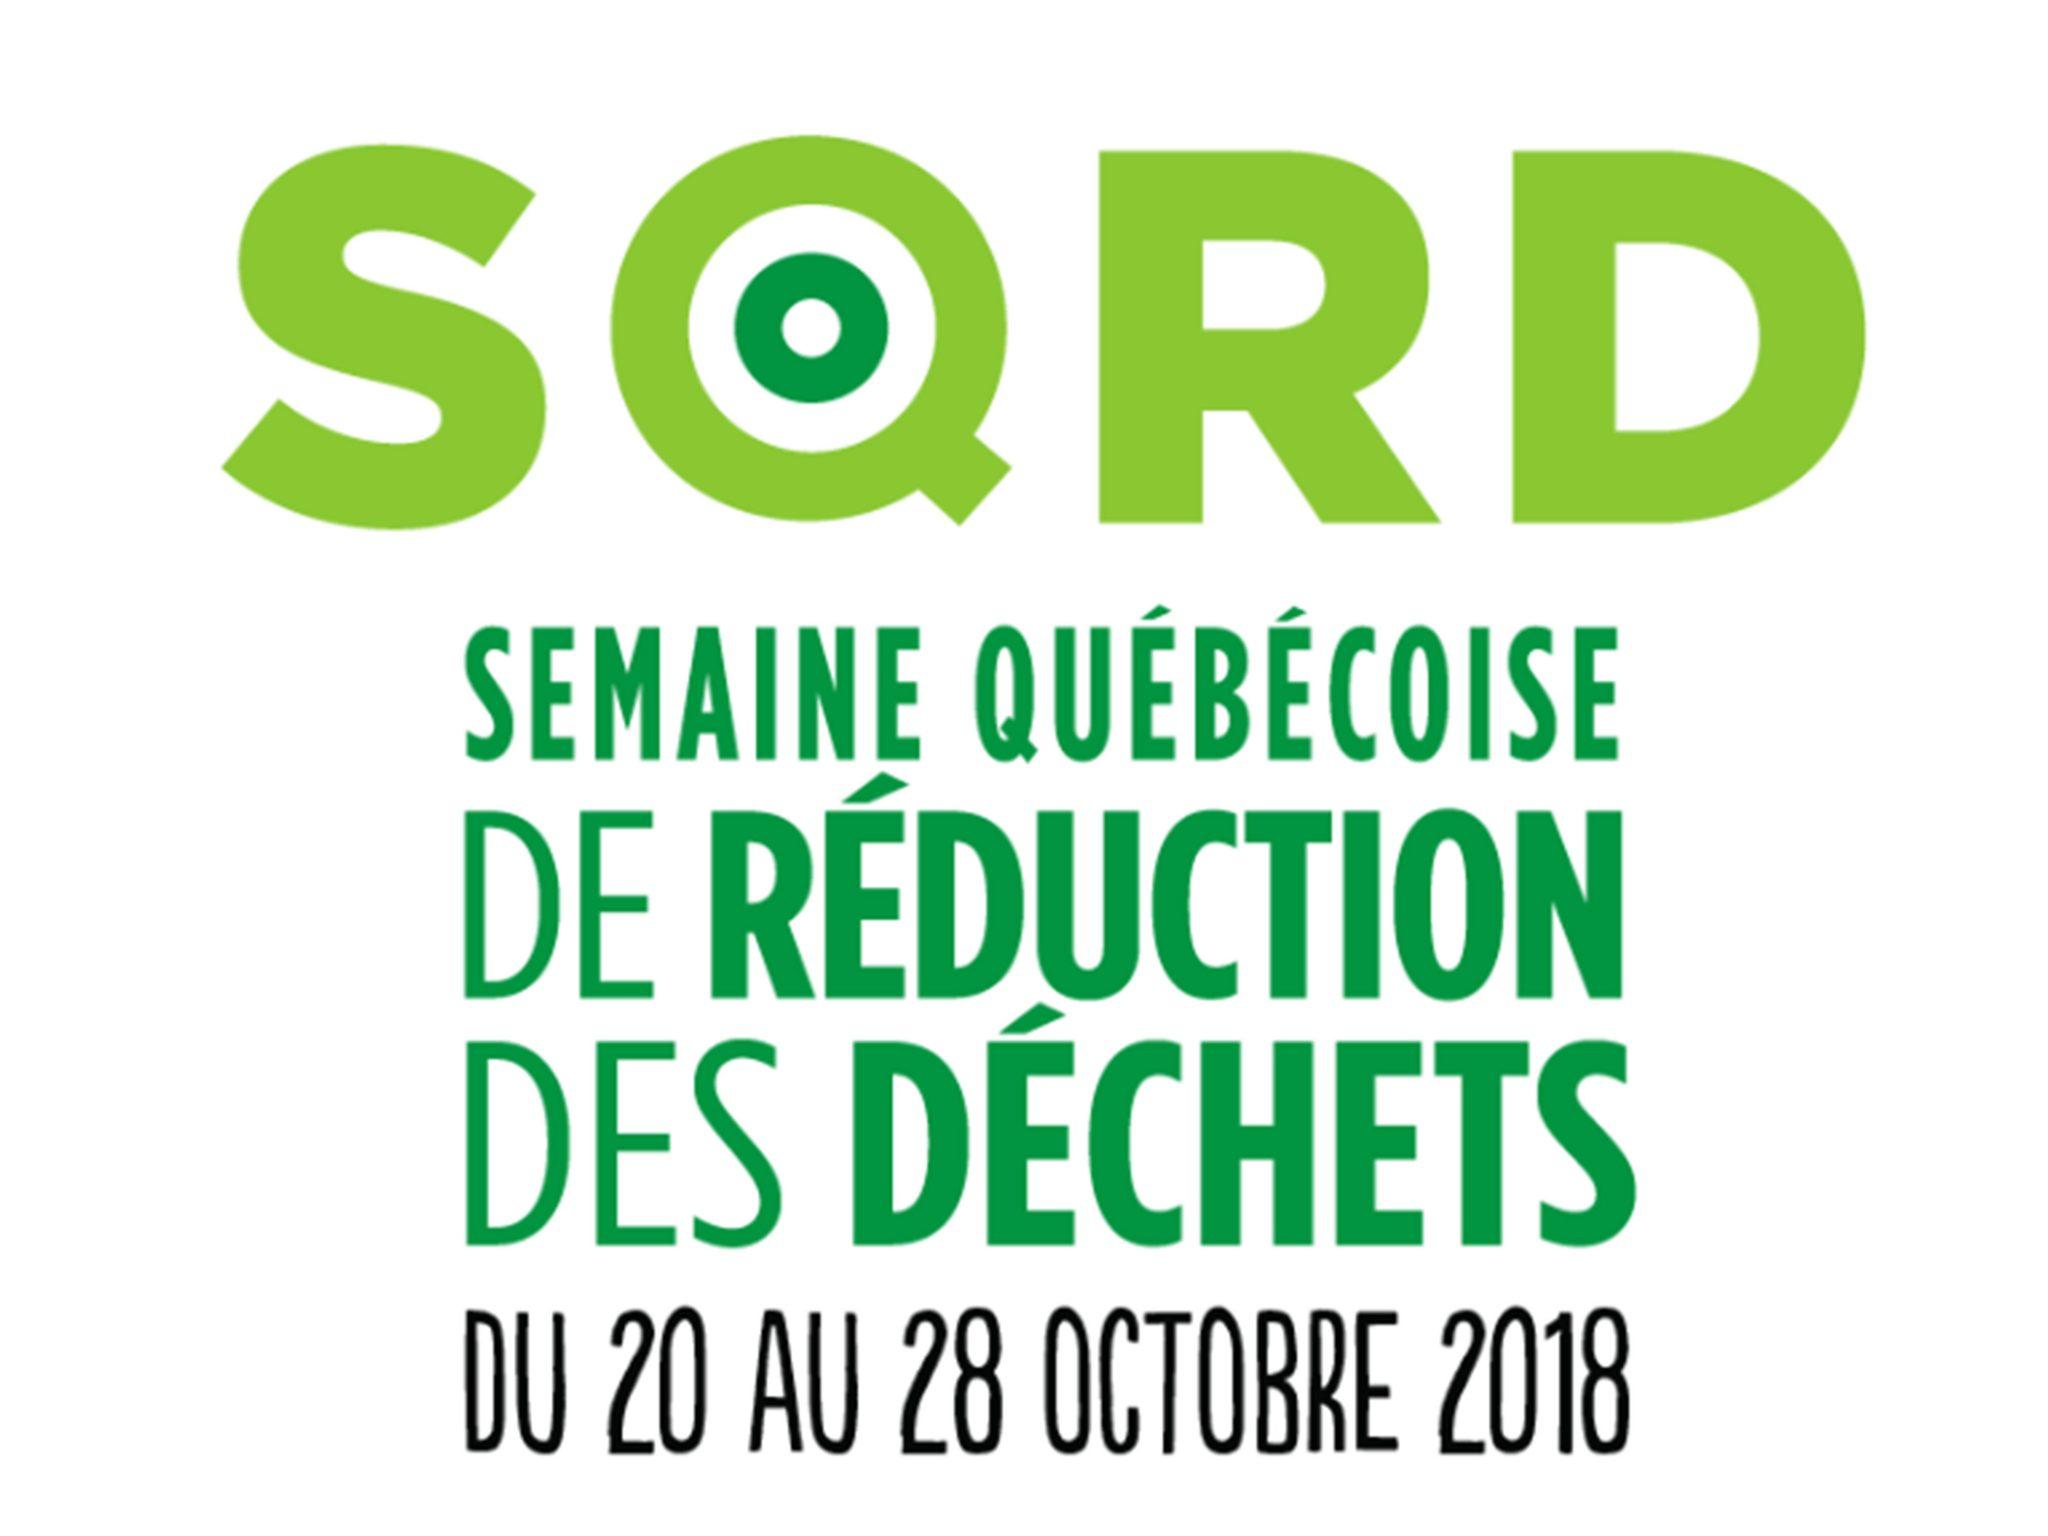 SQRD 2018